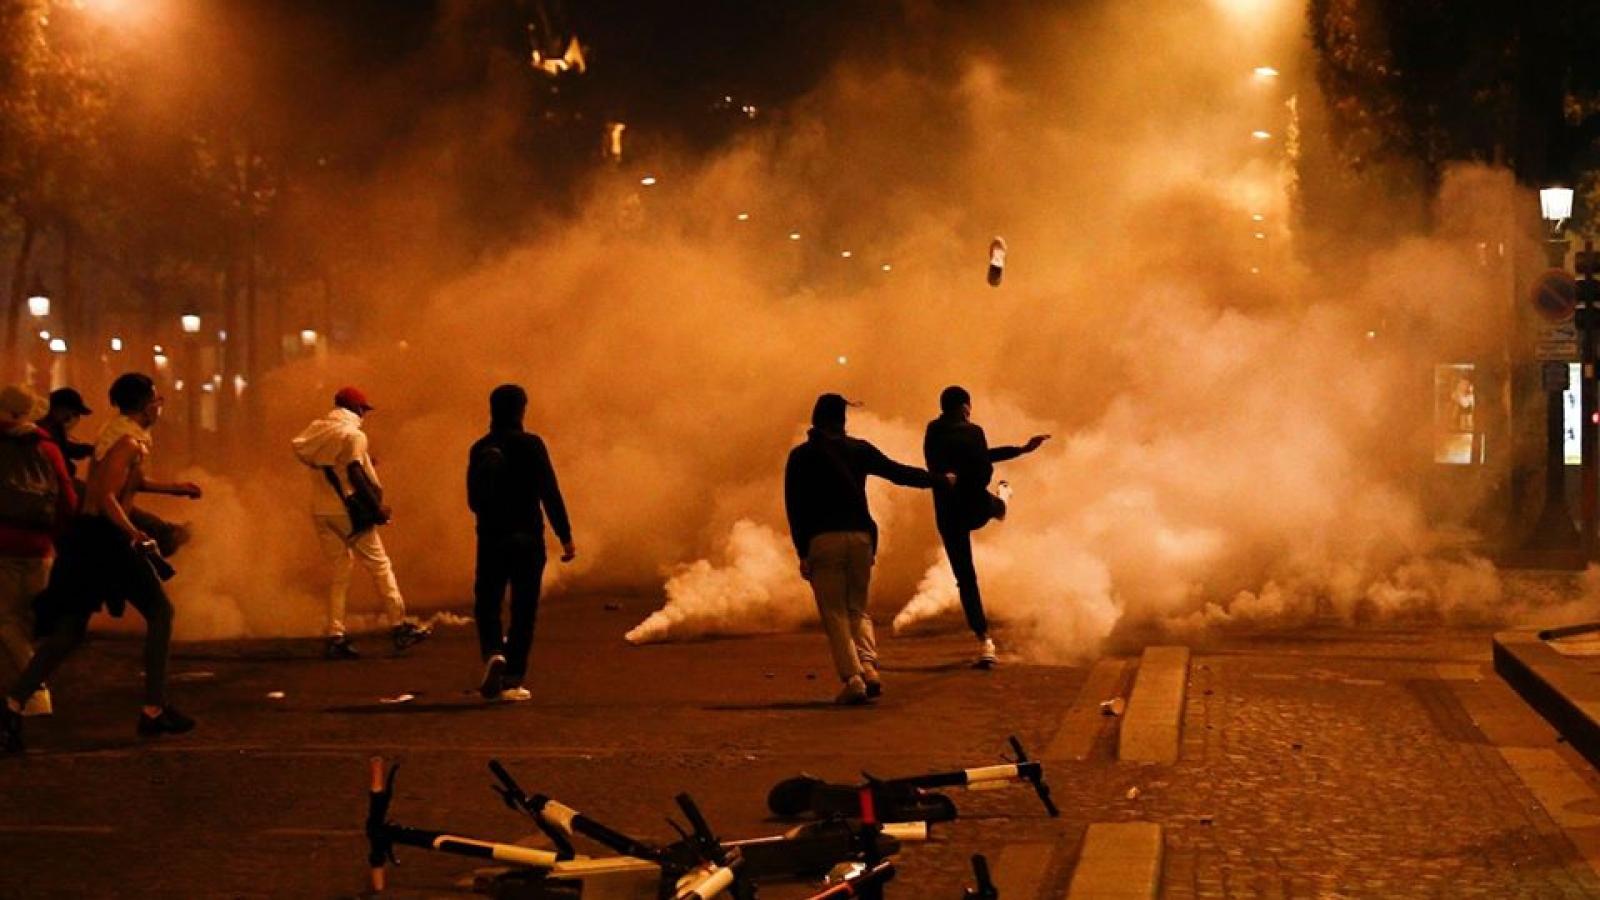 CĐV PSG làm loạn trên đường phố Paris sau trận chung kết Champions League